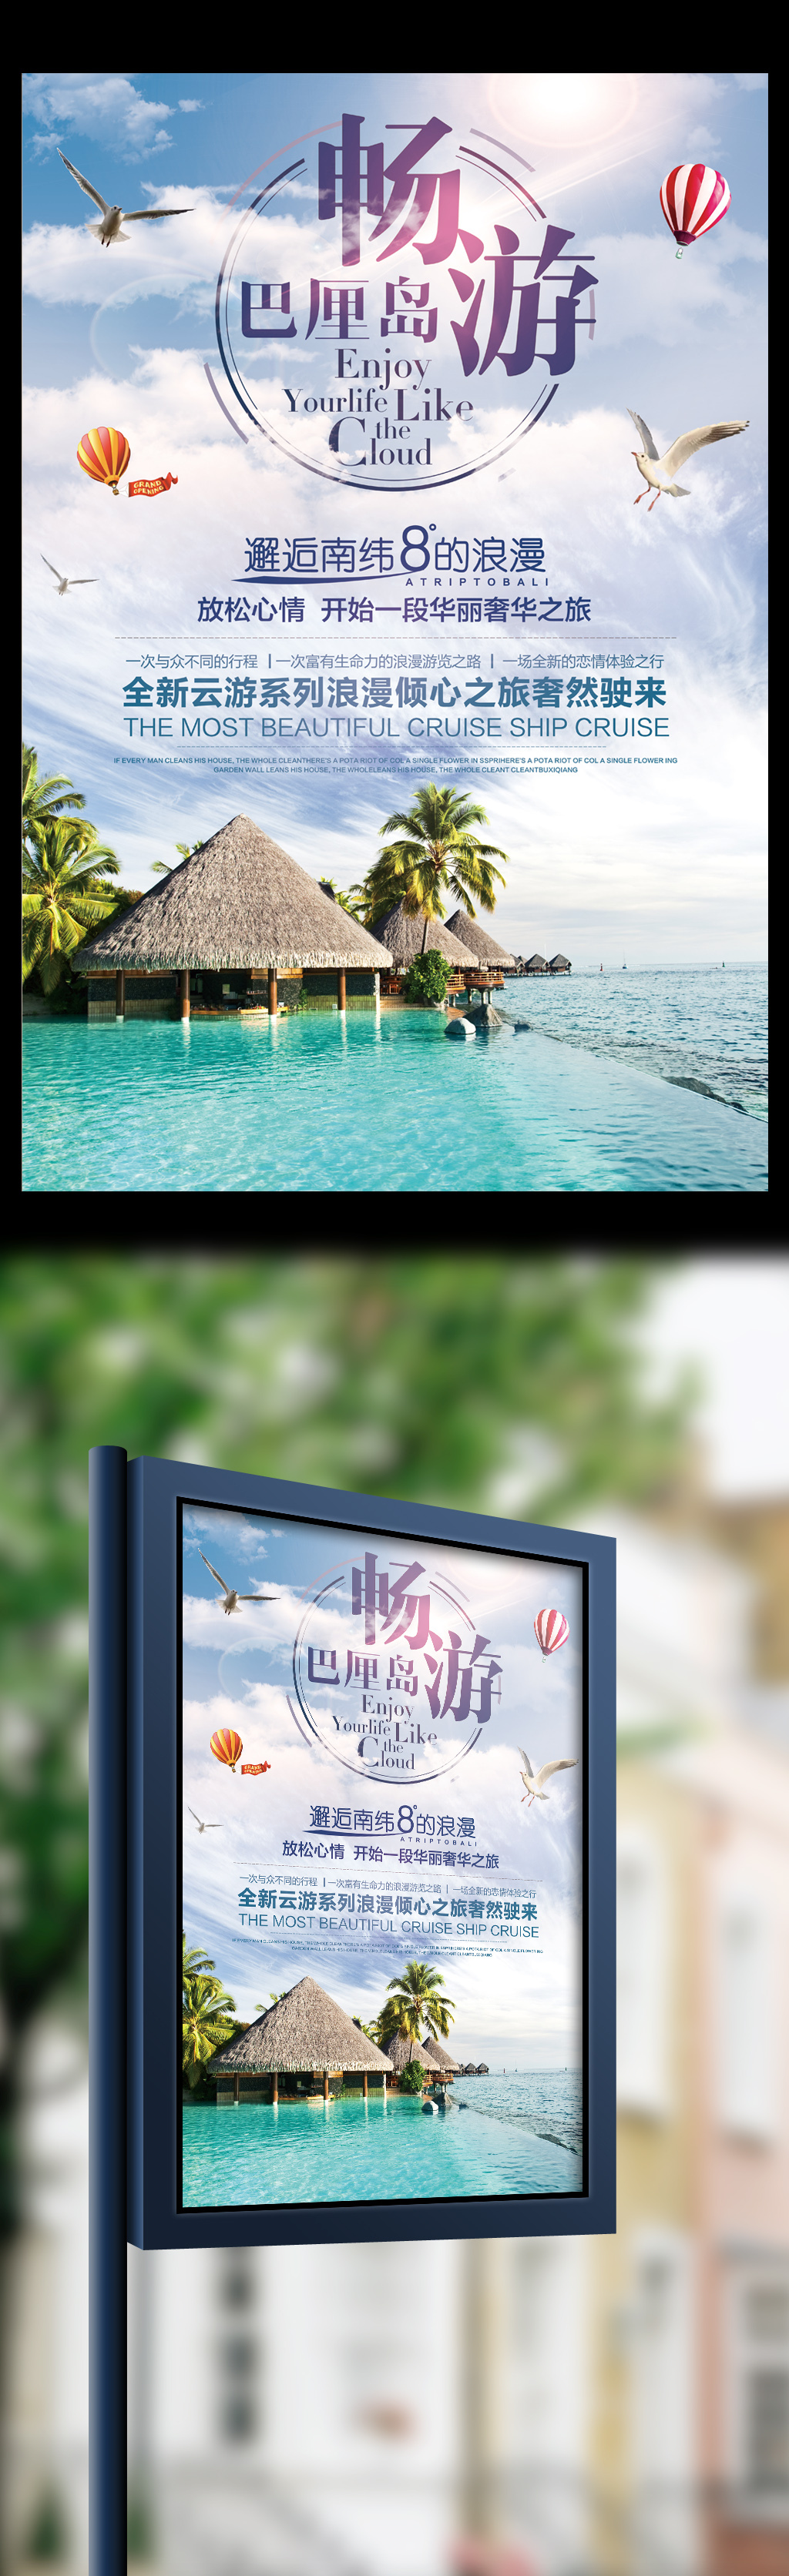 平面|广告设计 海报设计 > 夏日清爽巴厘岛旅游宣传海报   图片编号